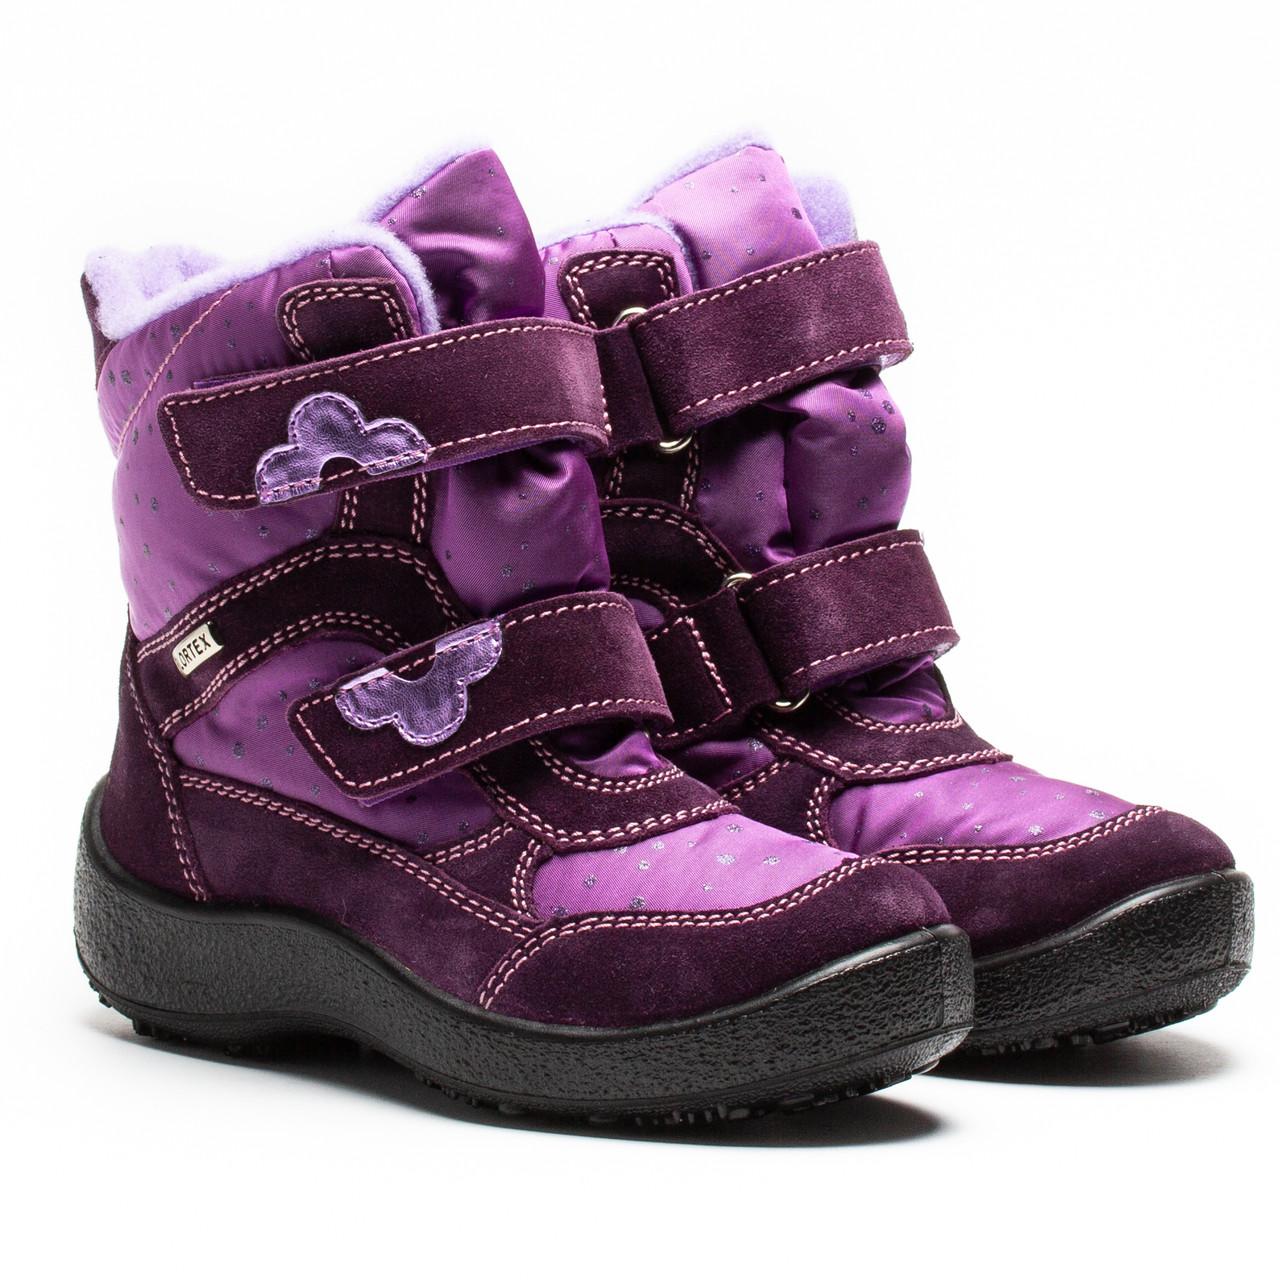 Мембранные зимние ботинки Kapika, для девочки, сиреневые на липучках,  размер 29-34